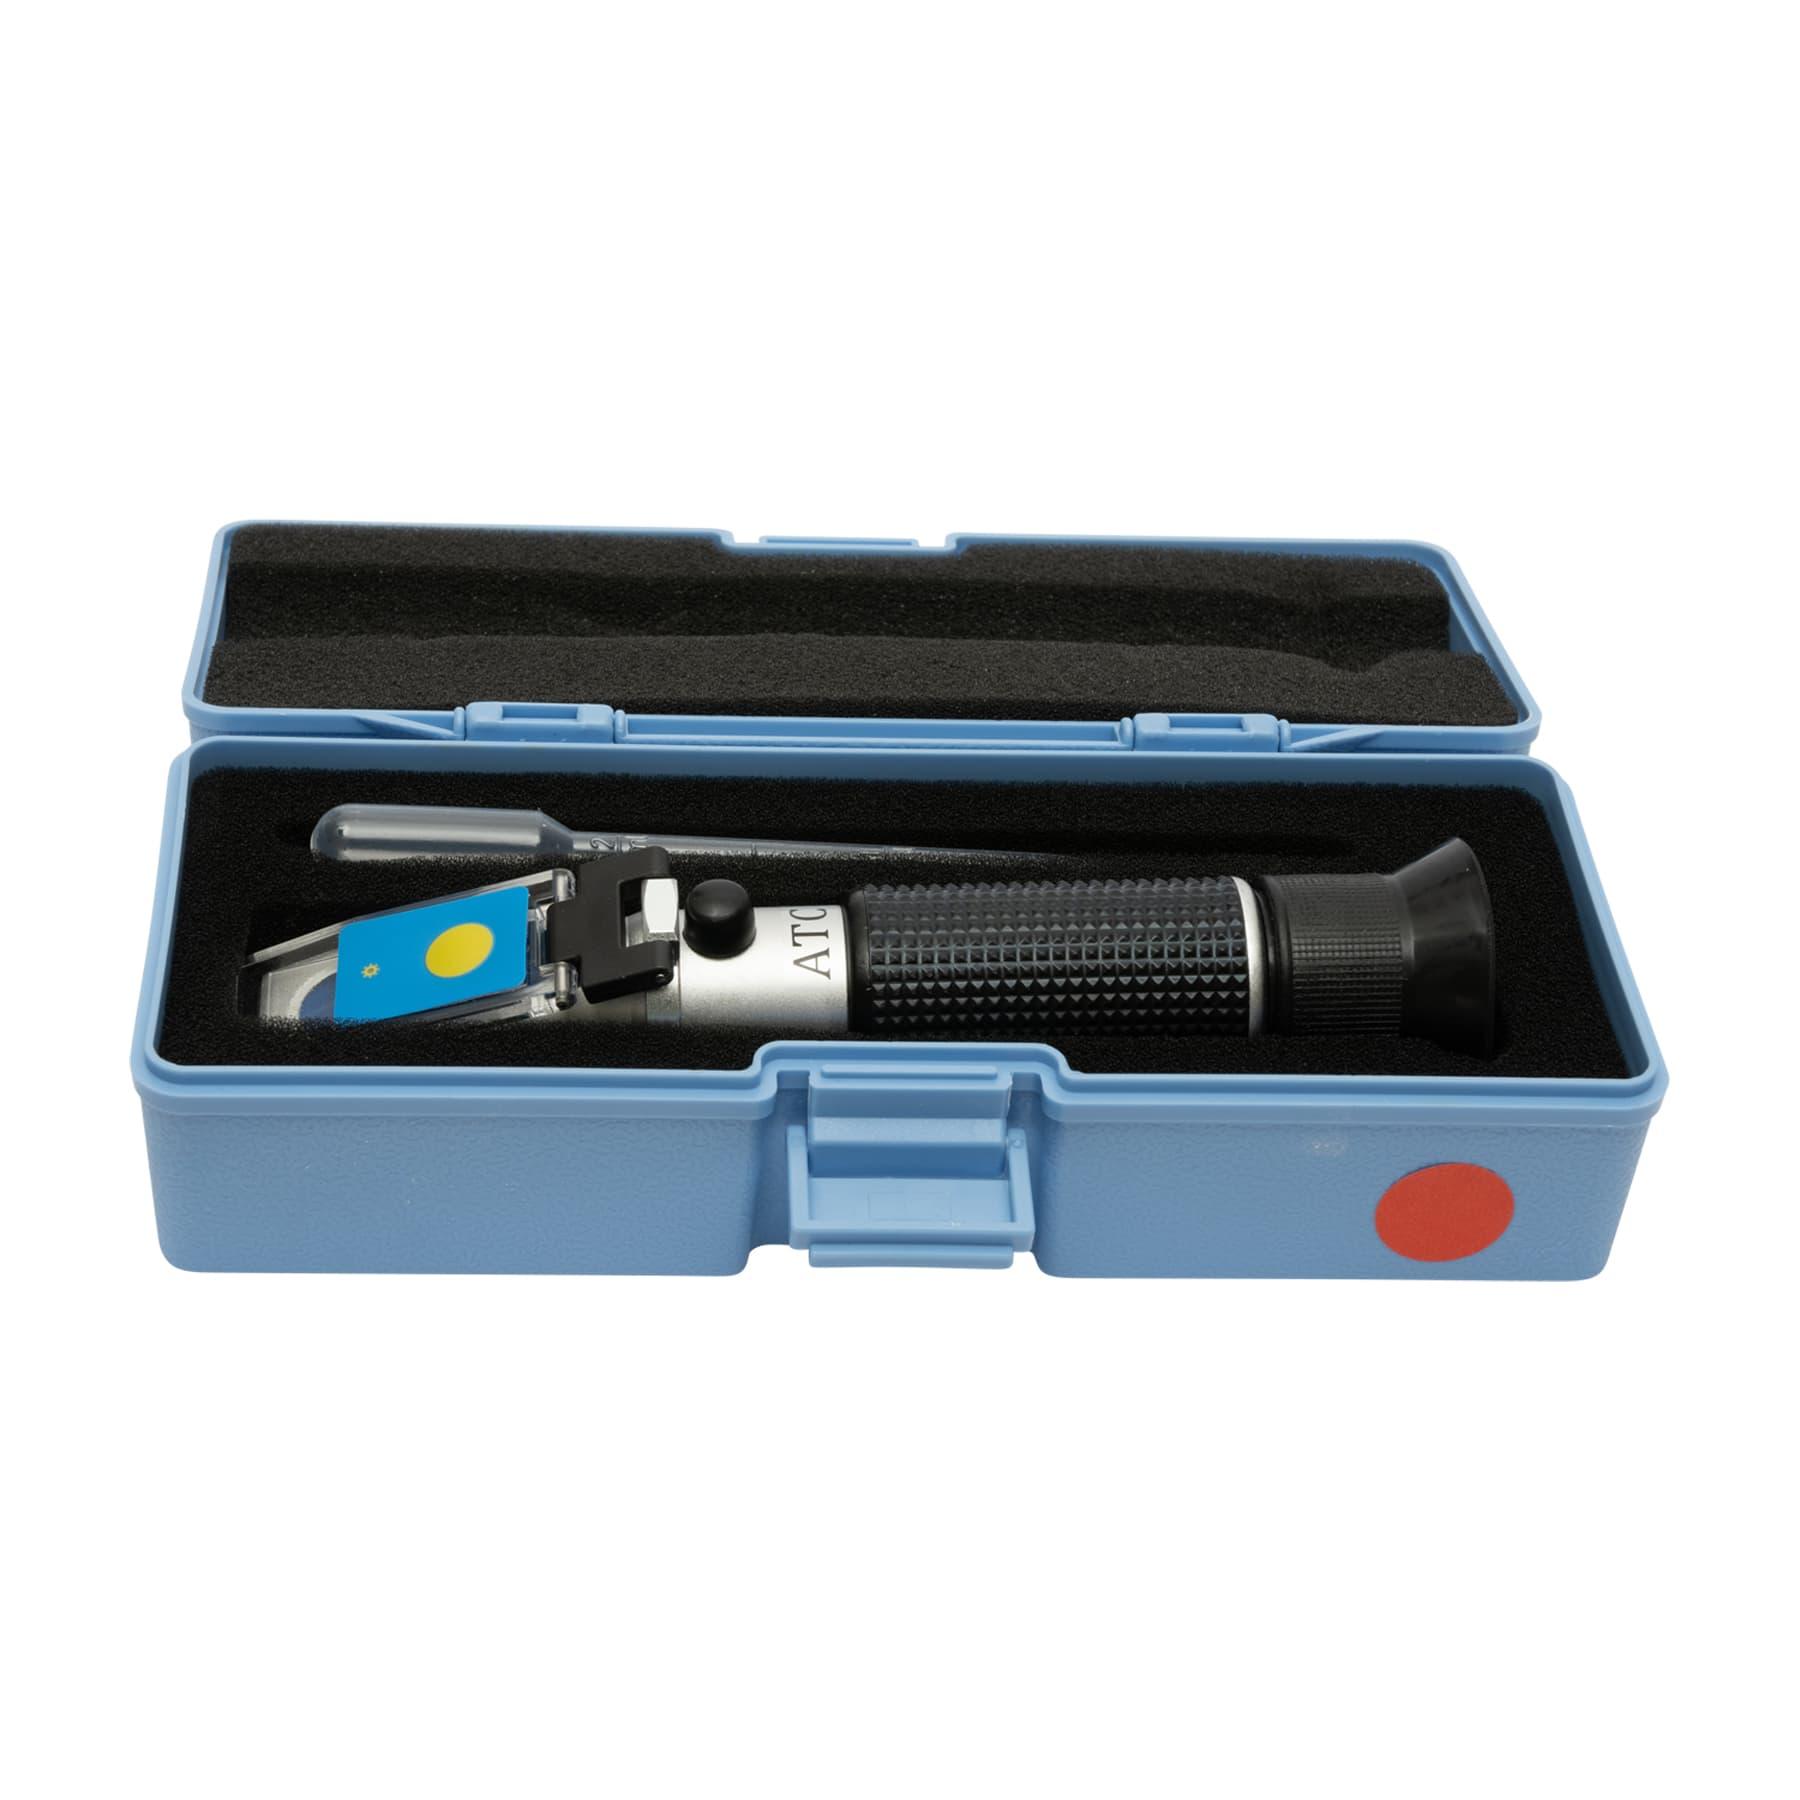 Honigrefraktometer mit LED-Beleuchtung und  ATC in grau-blauem gut schützendem Kunststoff-Etui